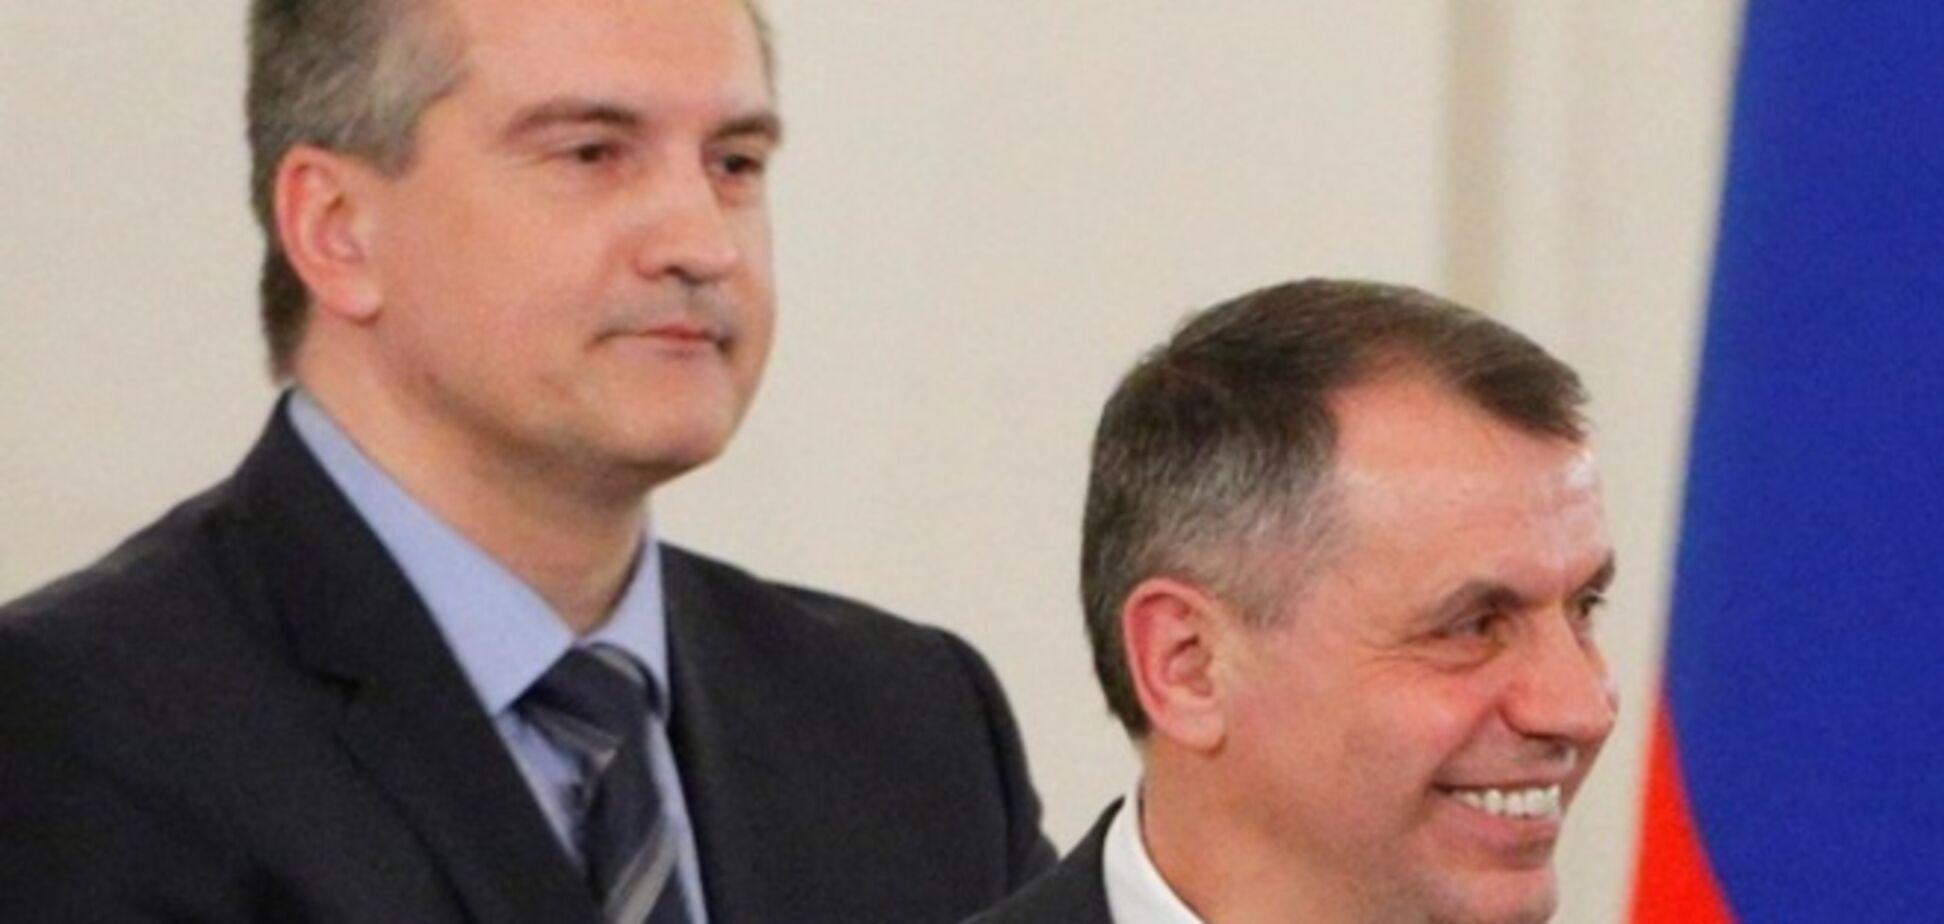 Пособники окупантів в АРК лякають владу України 'кримським трибуналом'